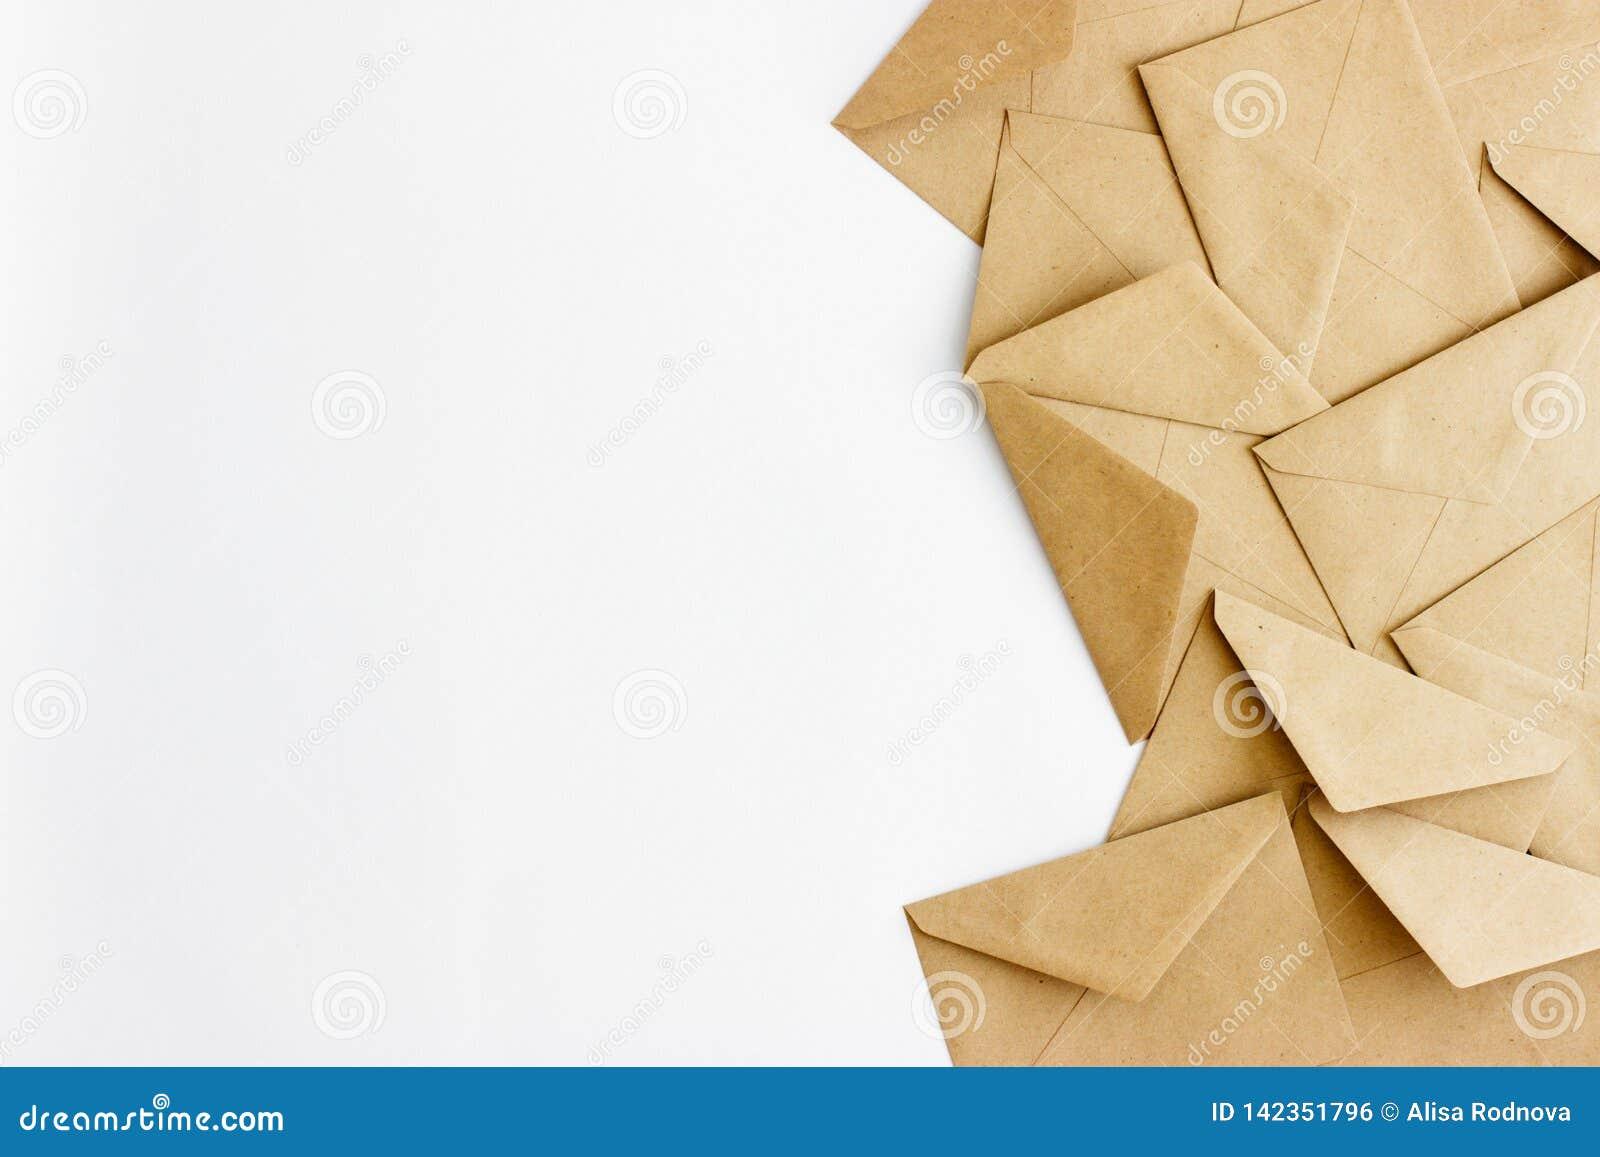 Kraftpapier-enveloppen op een witte achtergrond met ruimte voor tekst of ontwerp